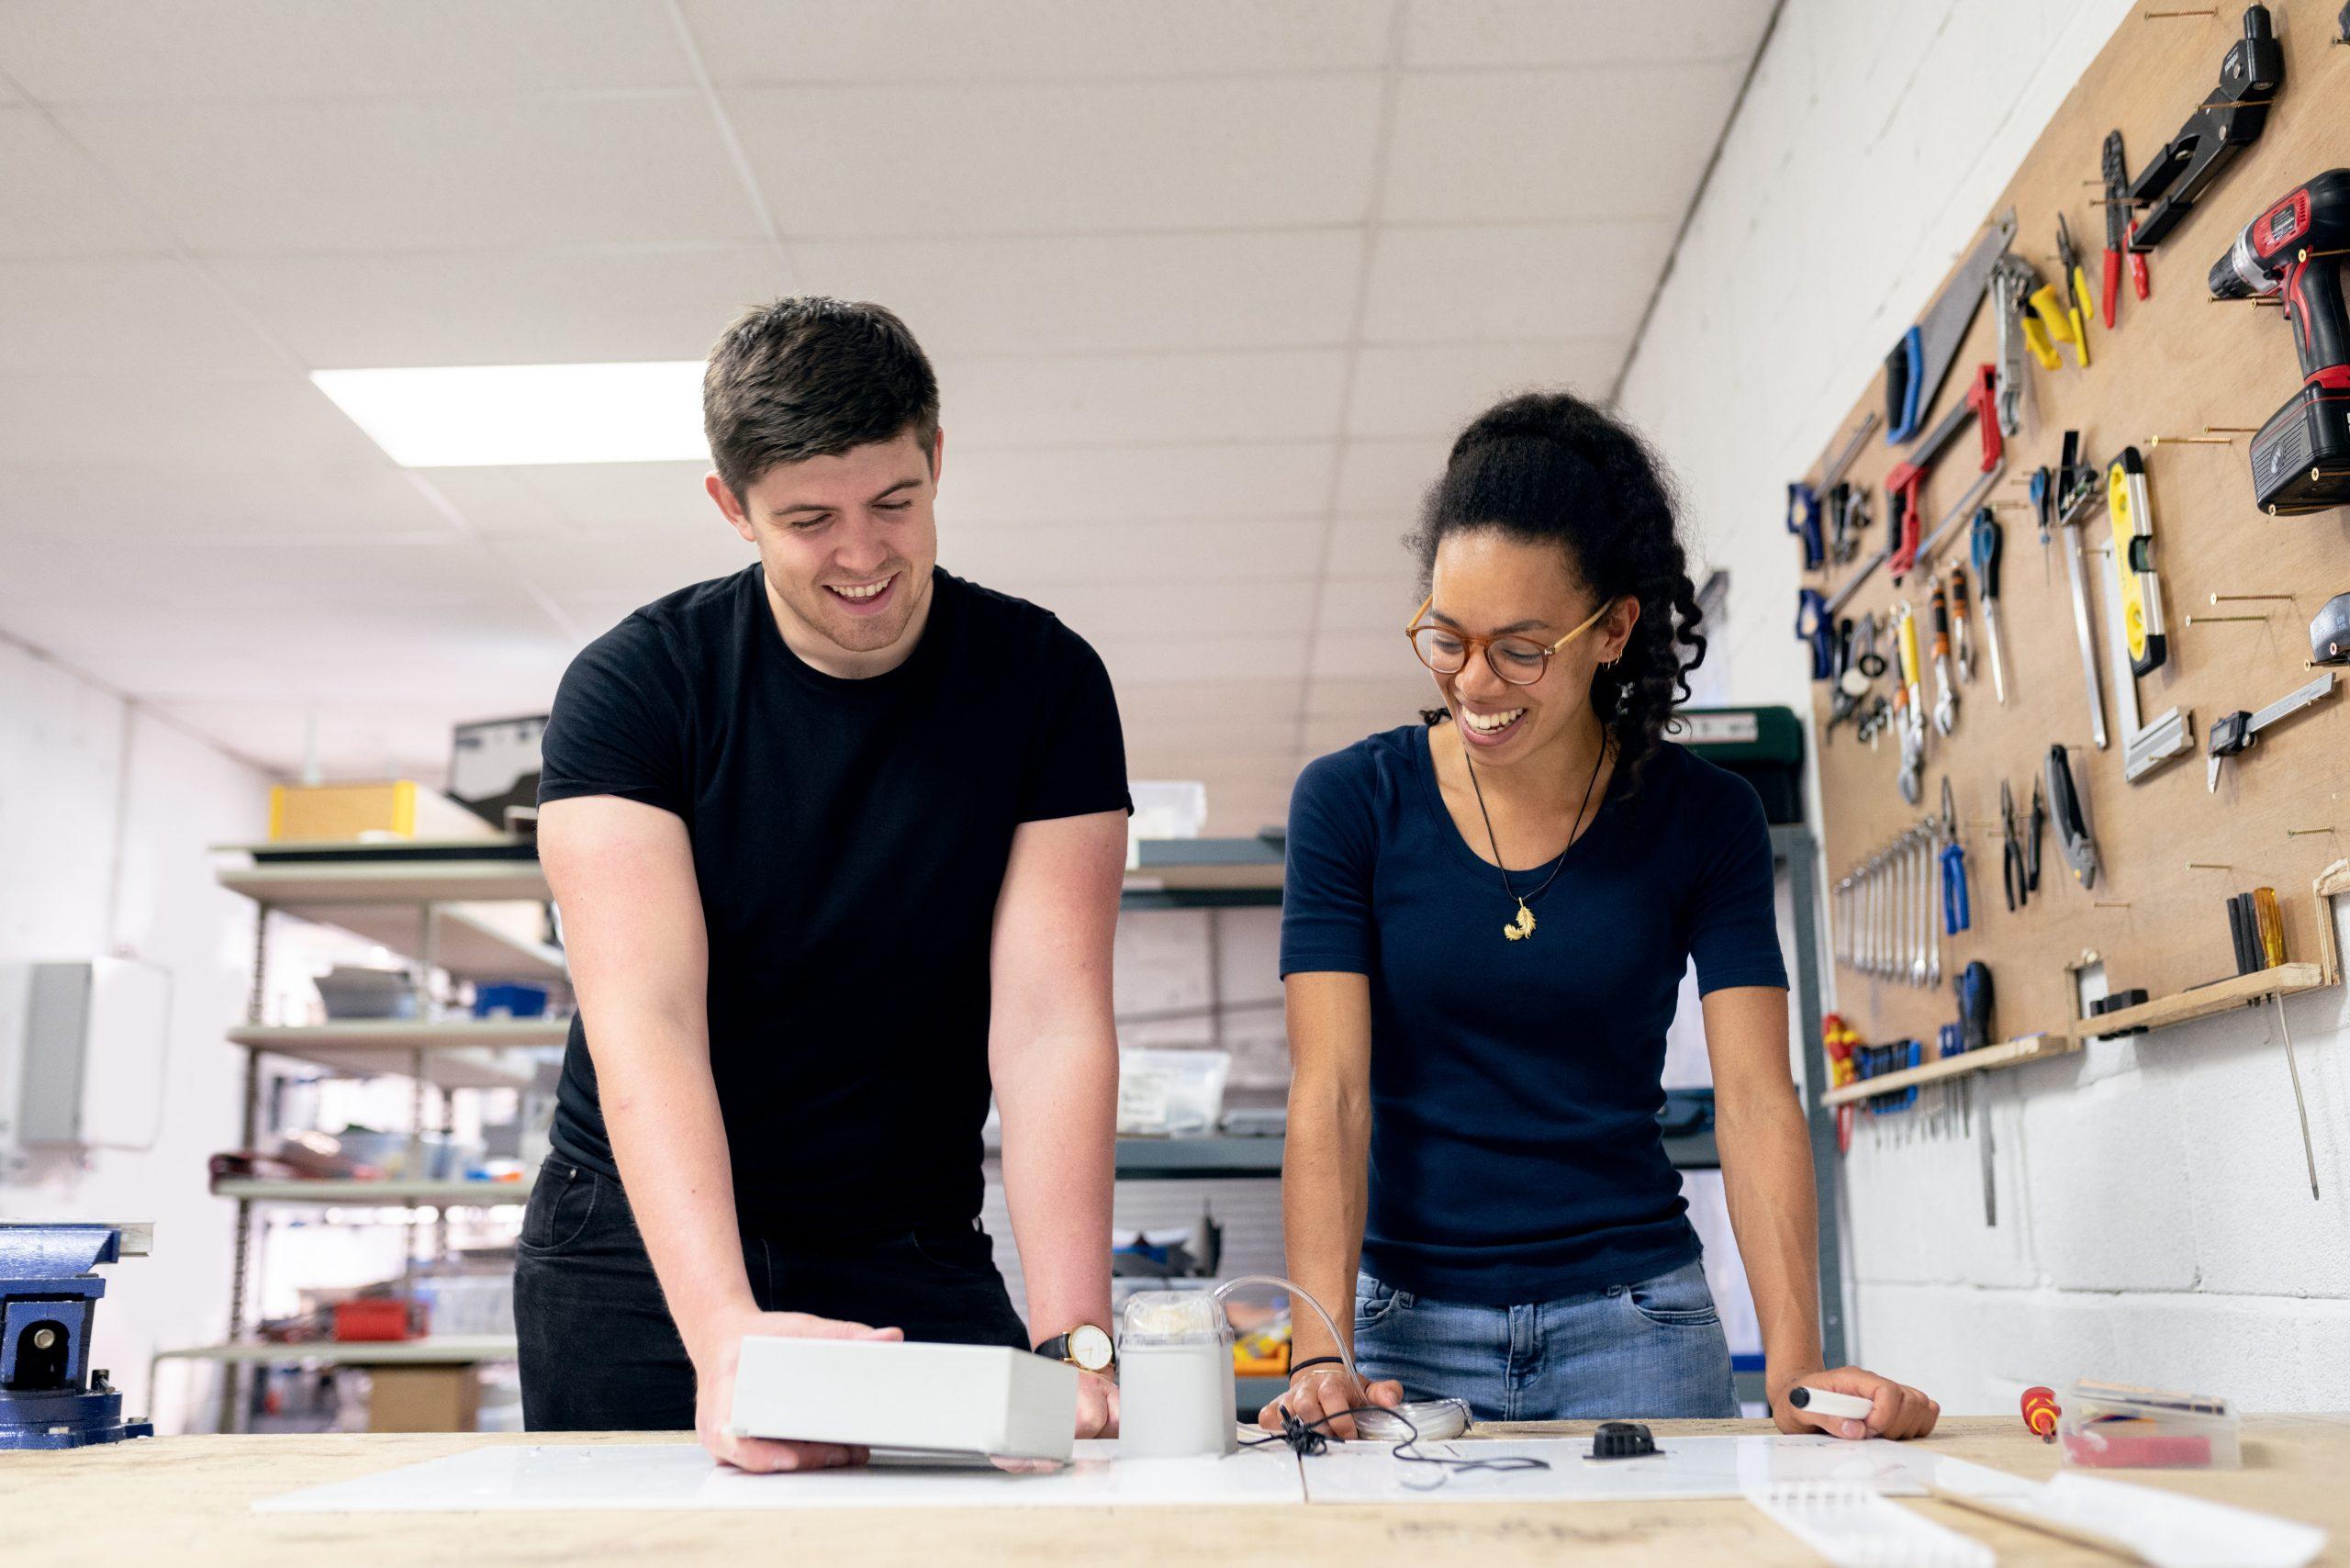 homem e mulher trabalhando em bancada, ilustrando salários da engenharia